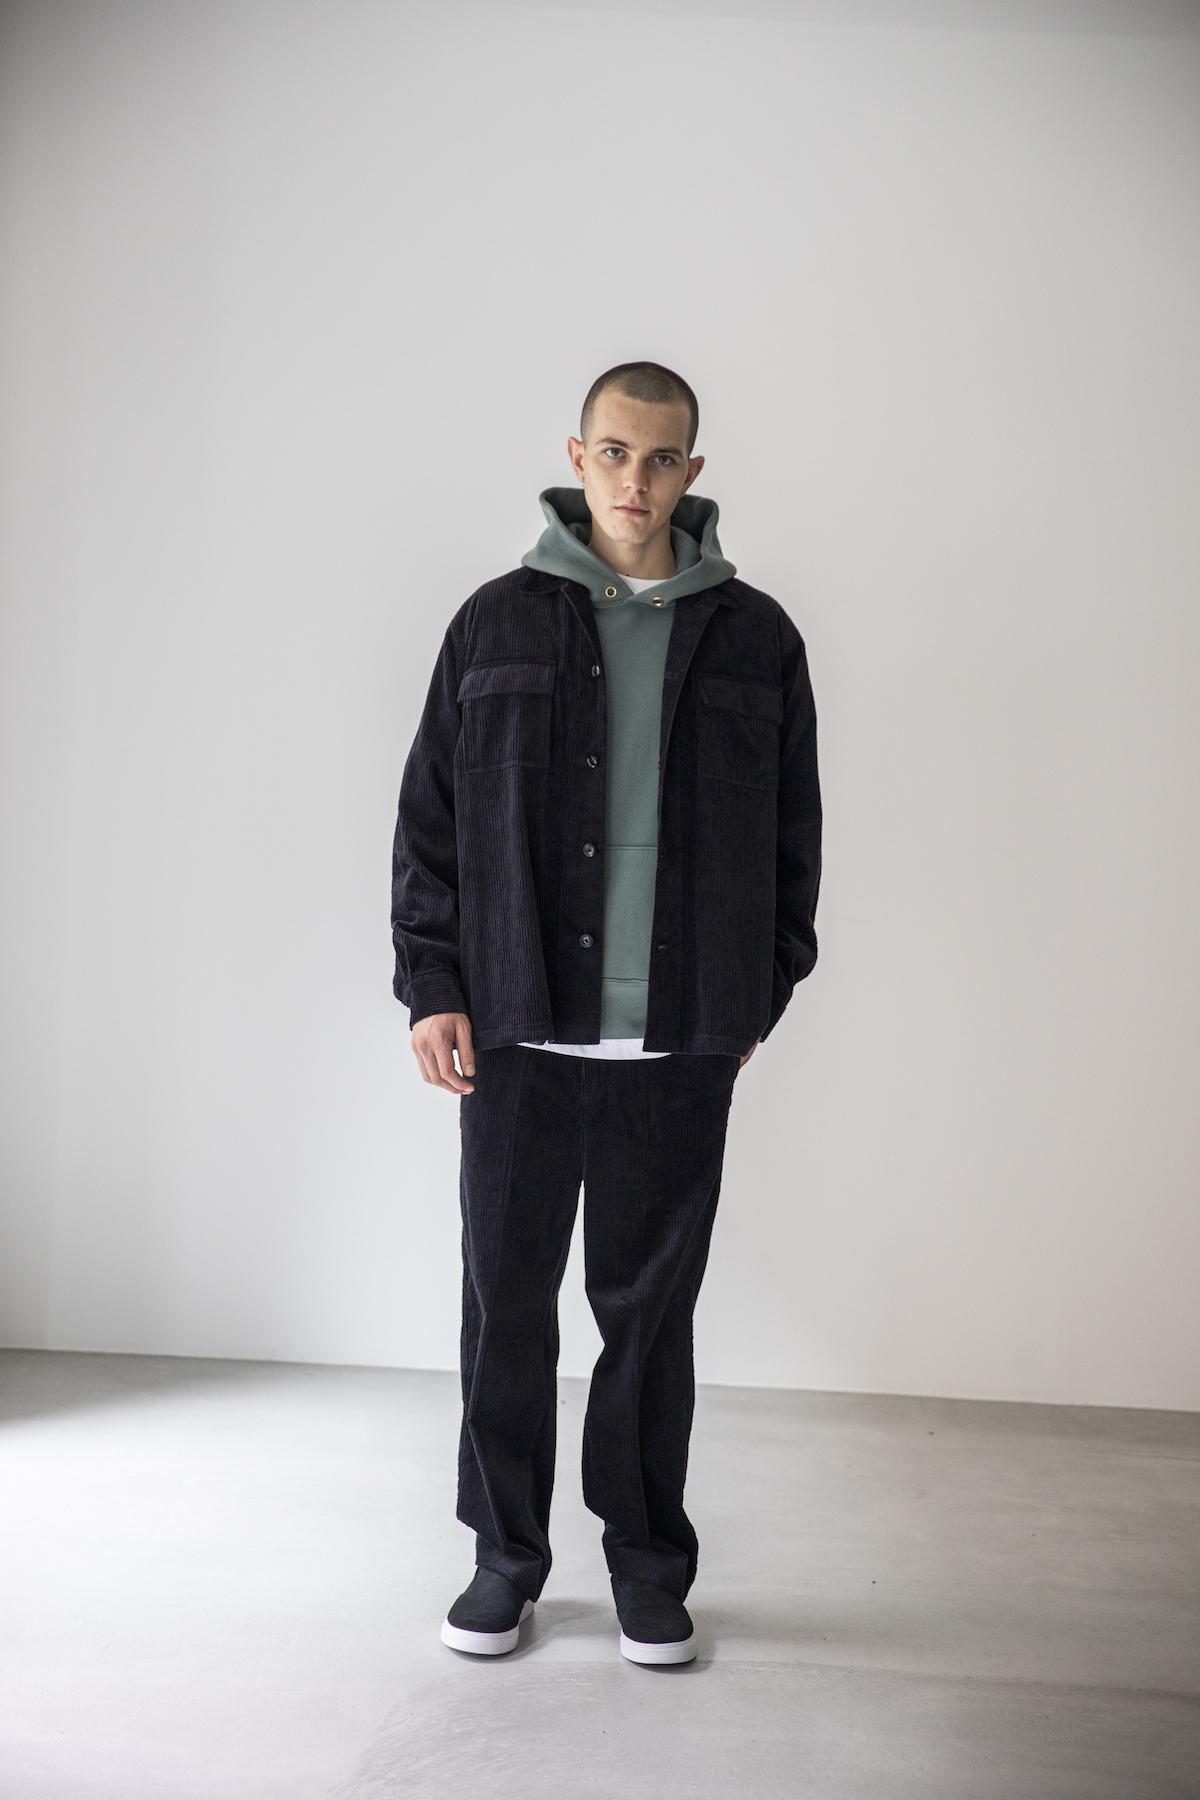 18 jacket¥29,000  hoodie¥27,000  pants¥26,000  shoes¥10,000